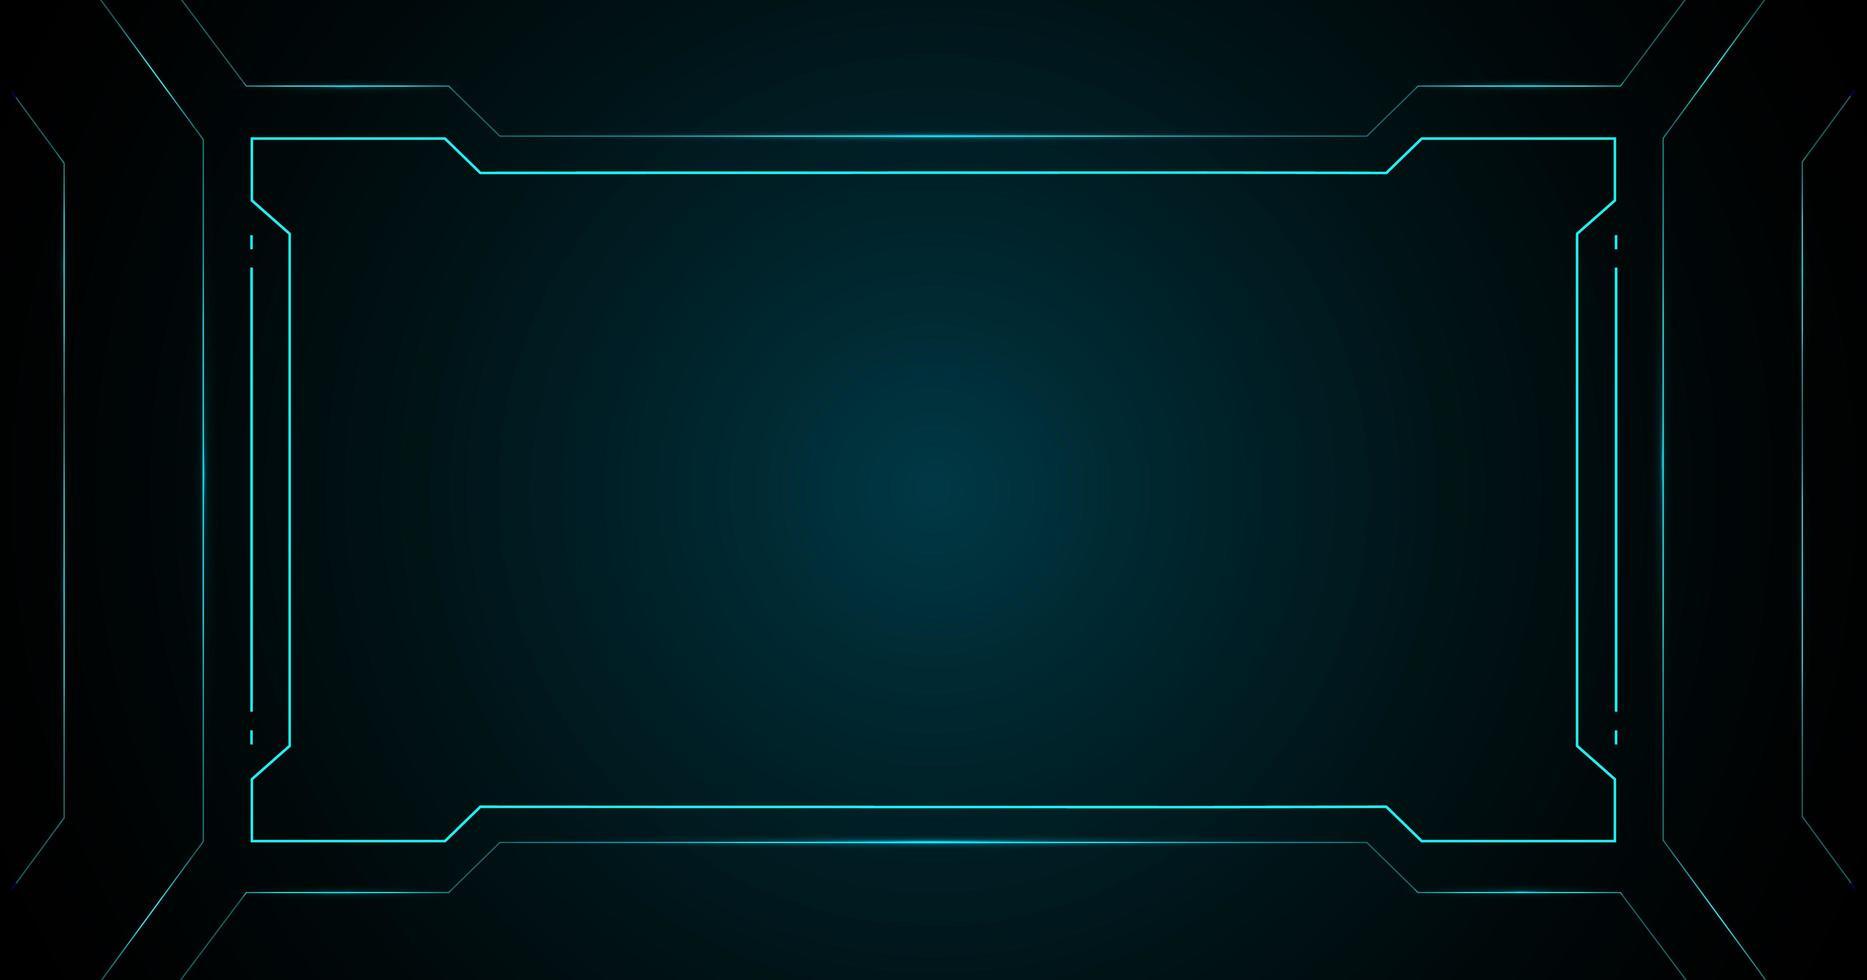 tecnología de marco cuadrado azul interfaz futurista hud vector